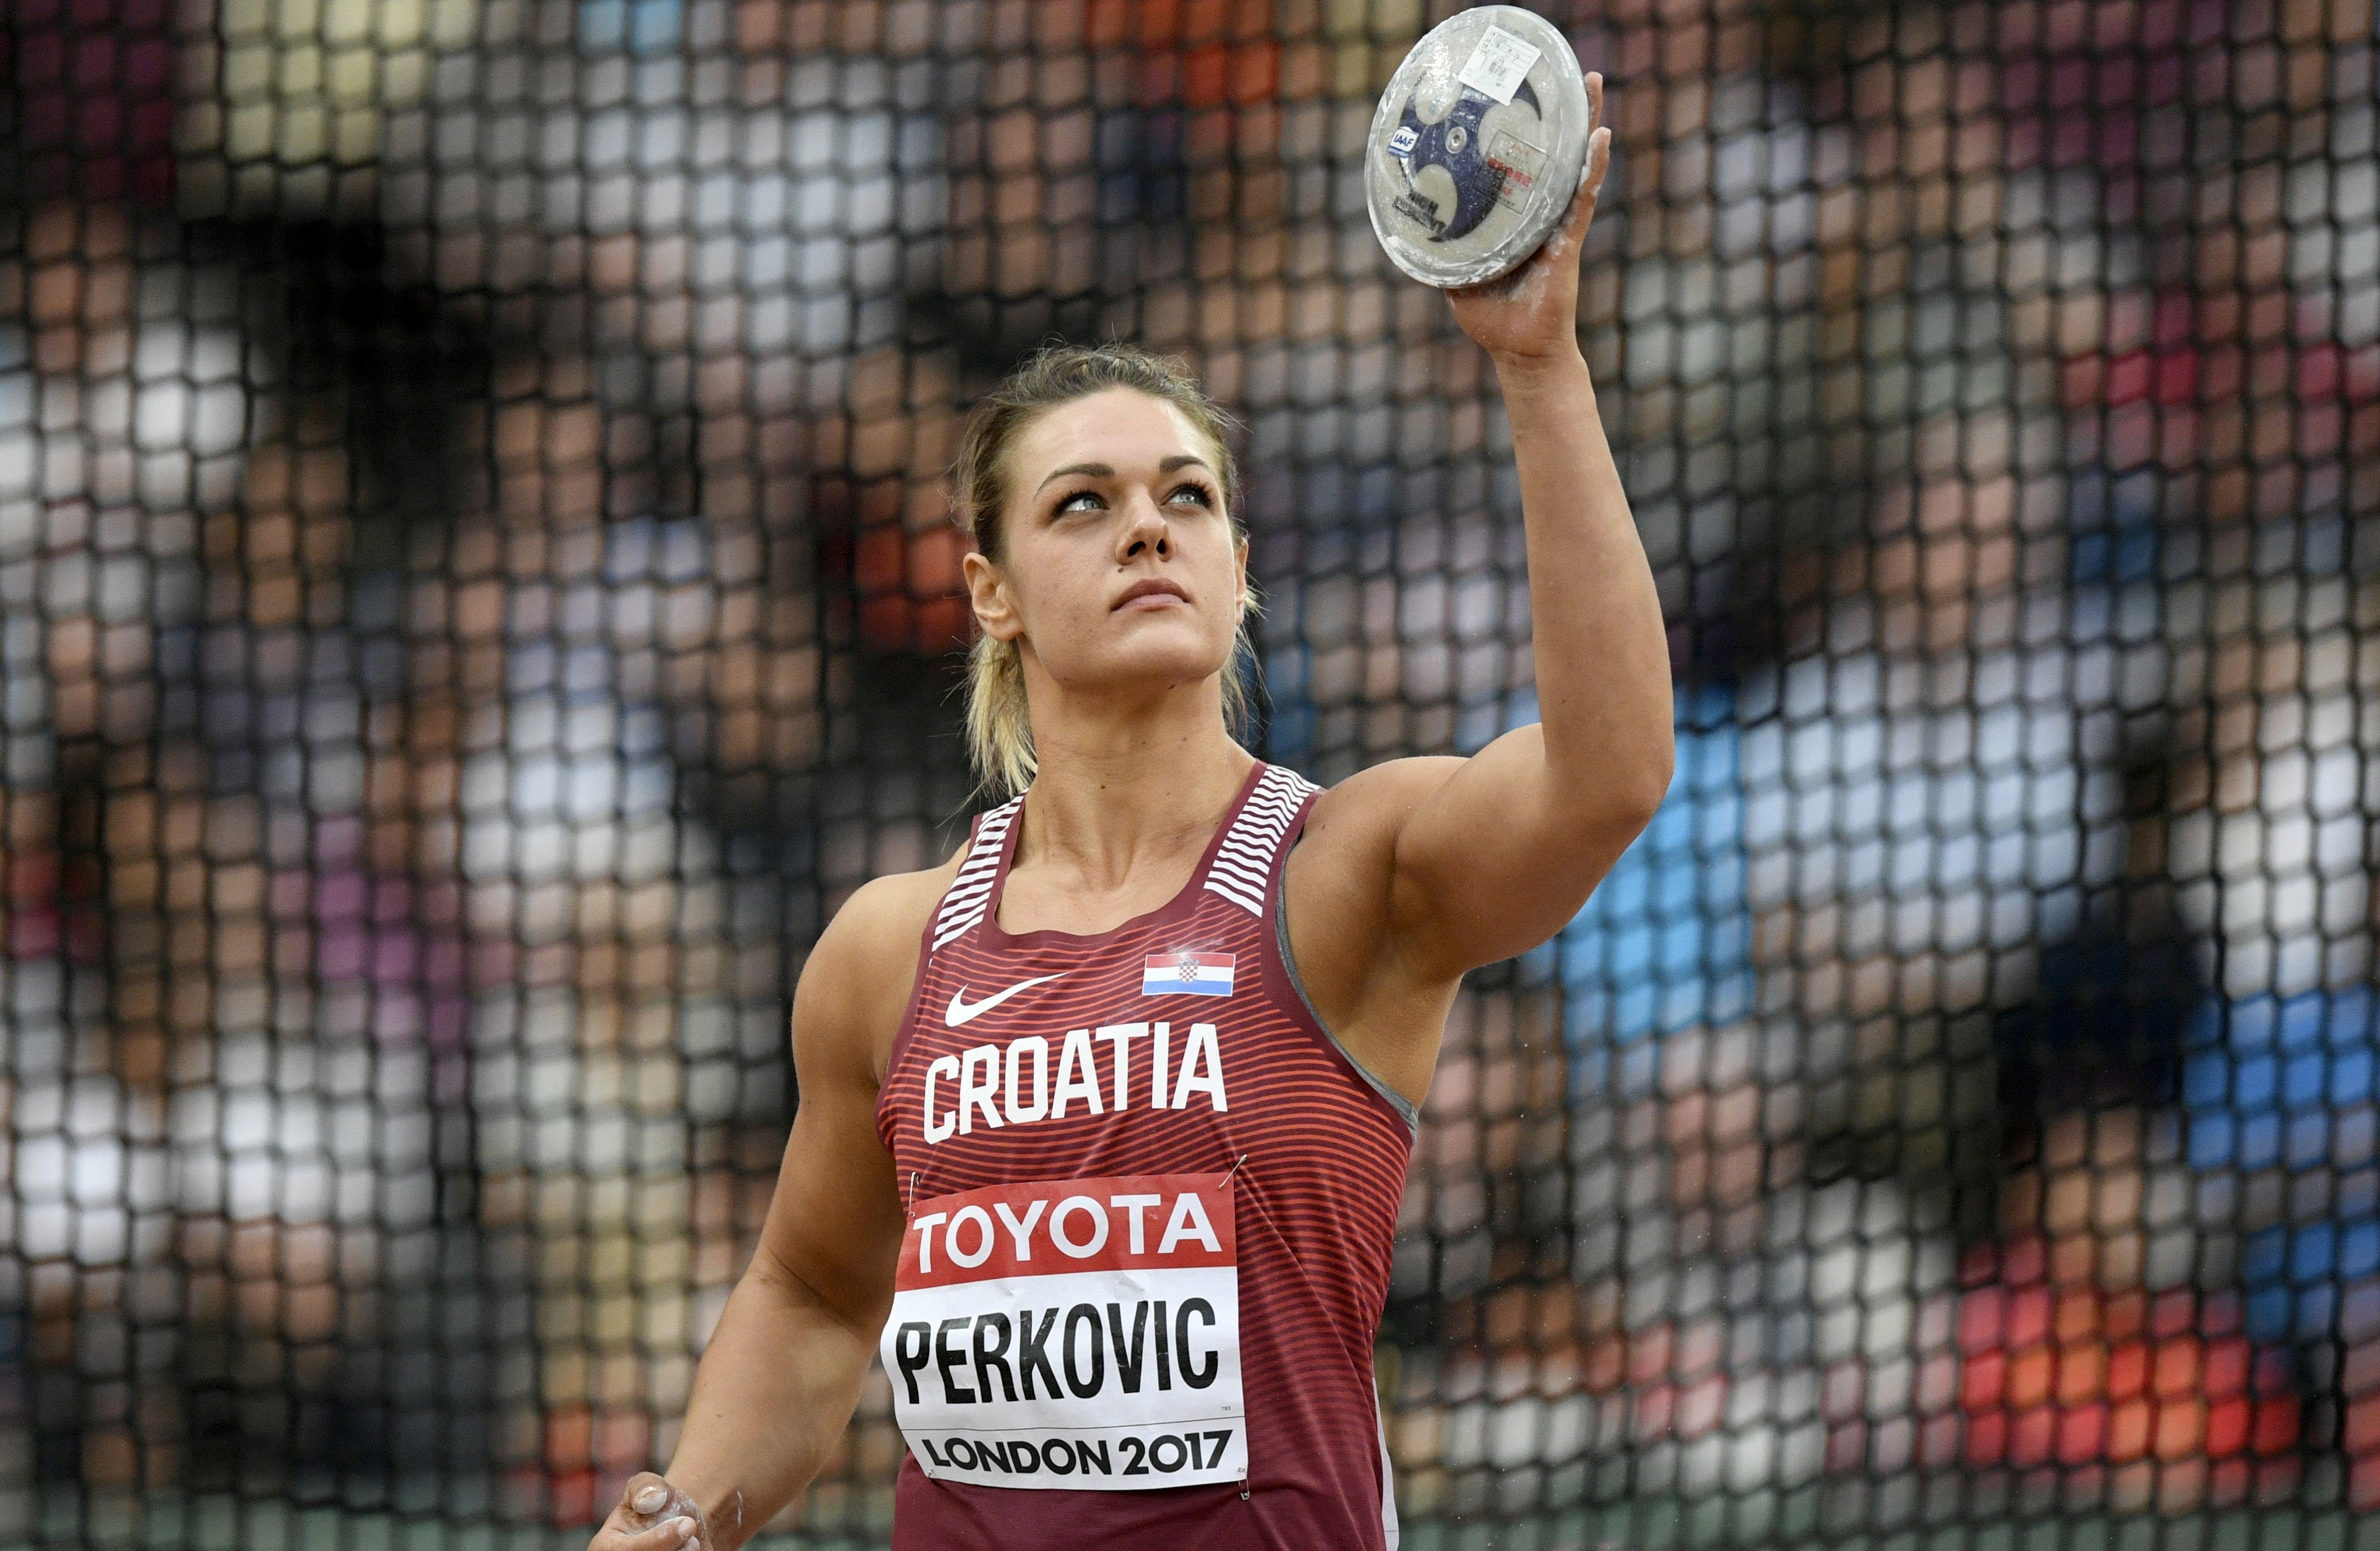 Sandra Perković 10. najbolja sportašica svijeta